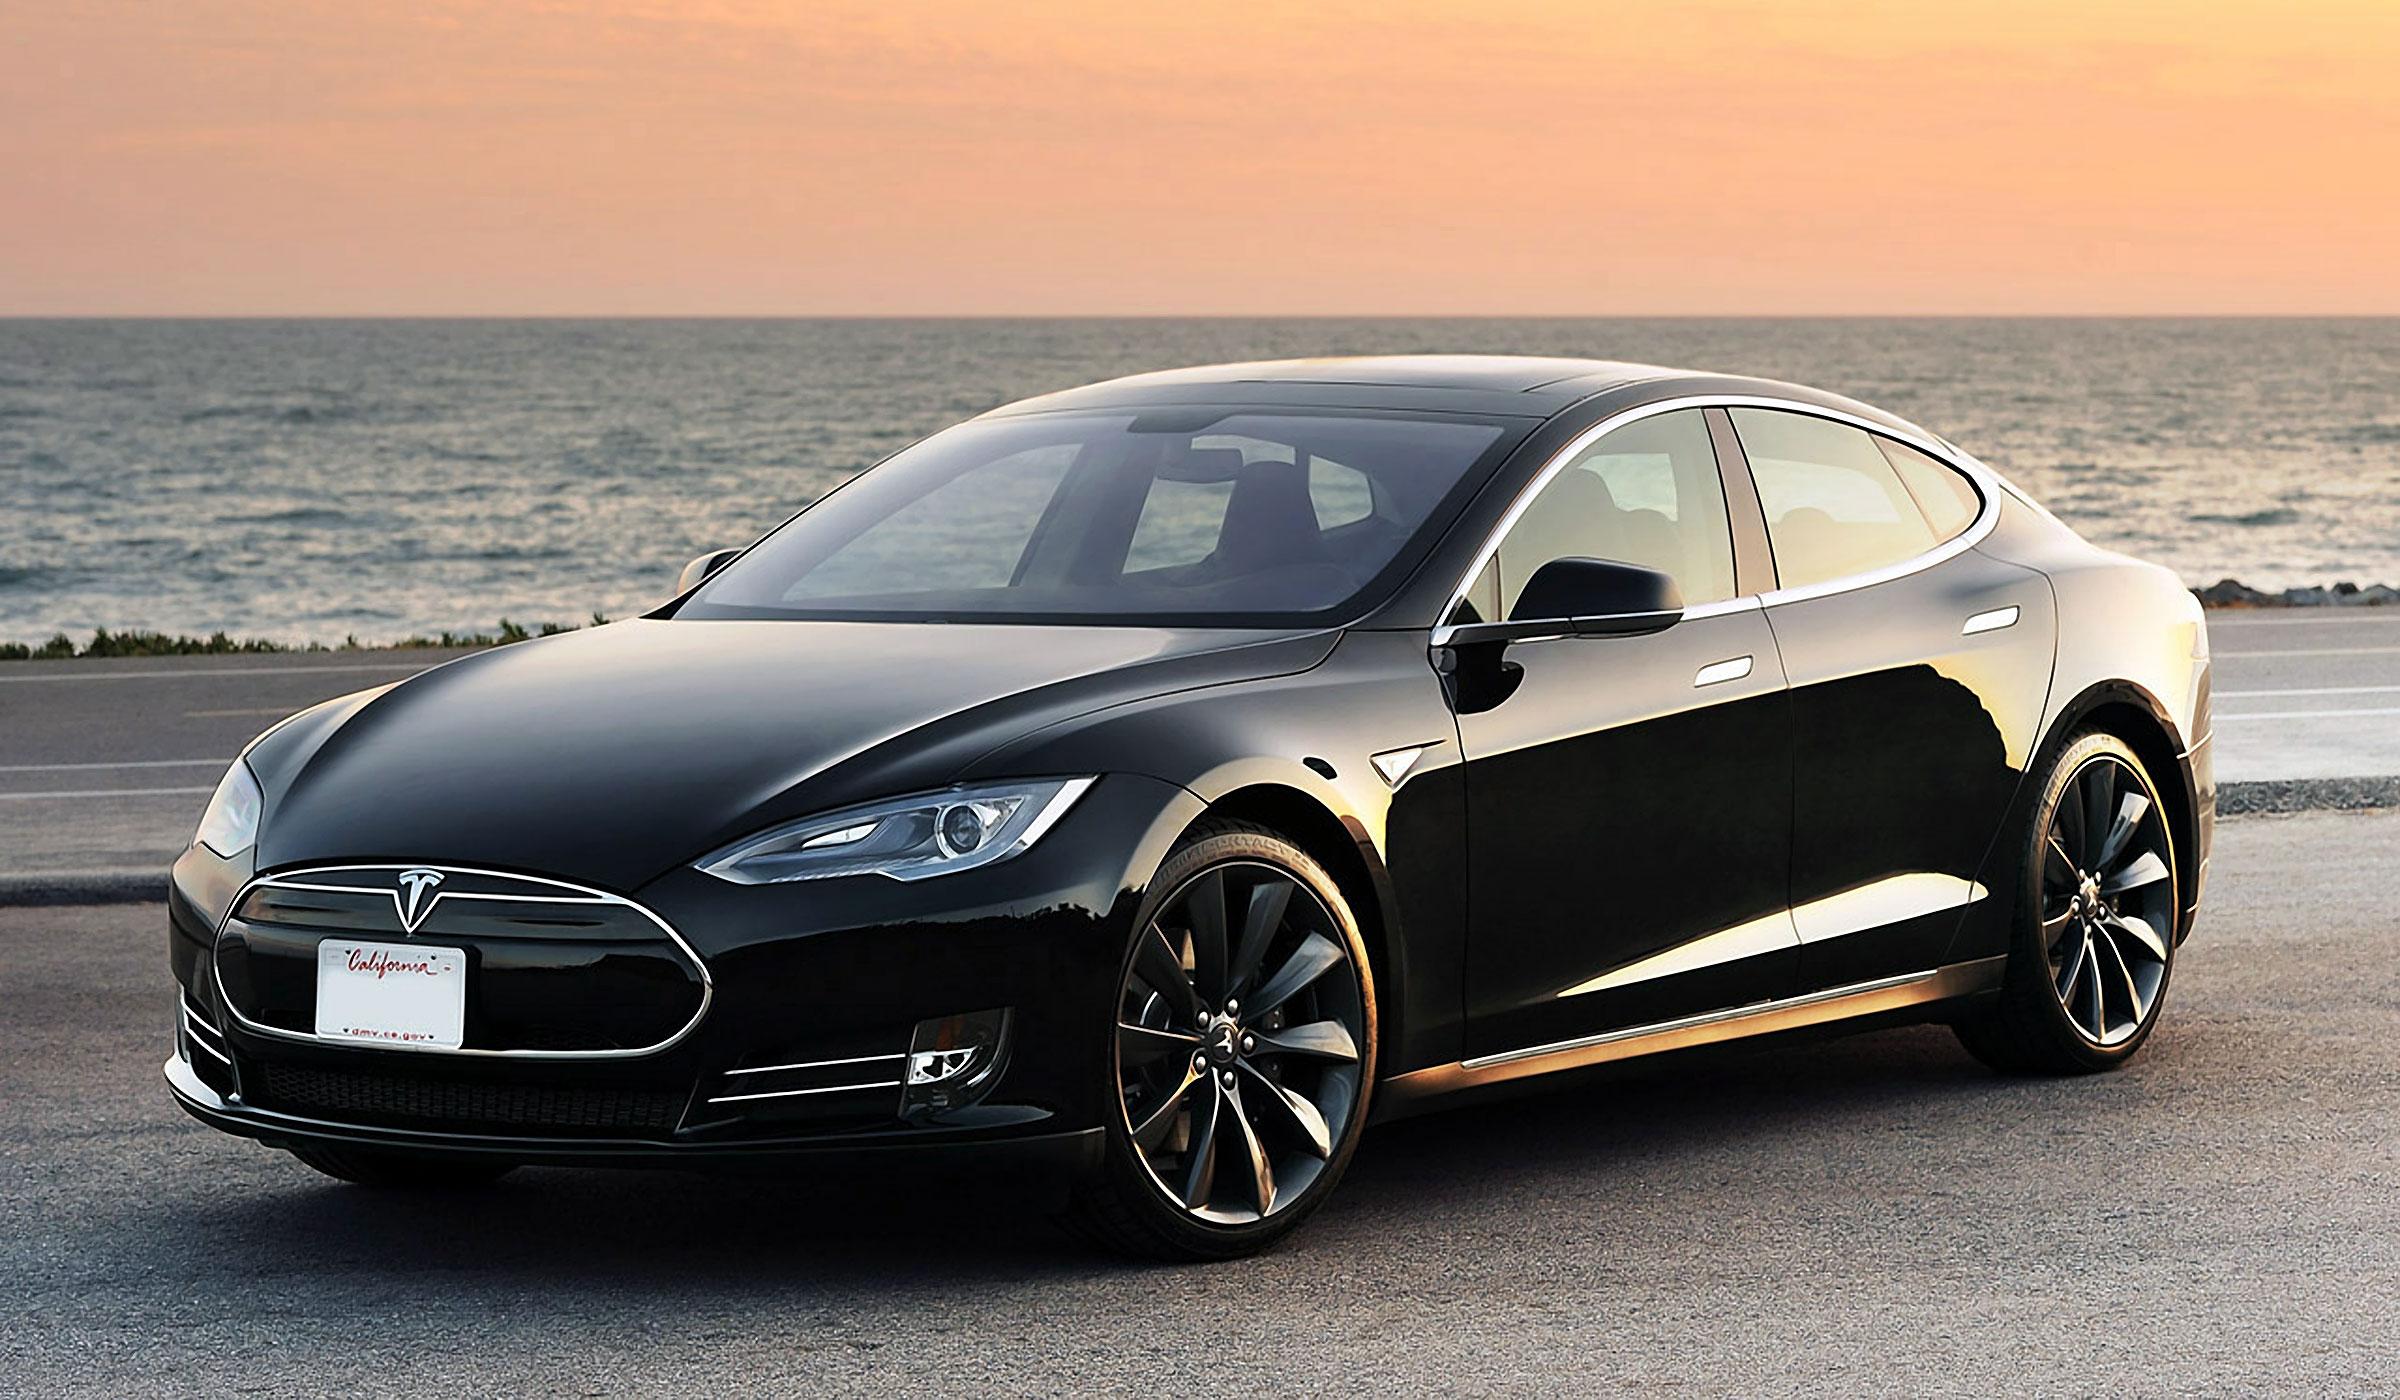 Хакер «взломал машину» Tesla, и удостоился похвалы от Илона Маска 2